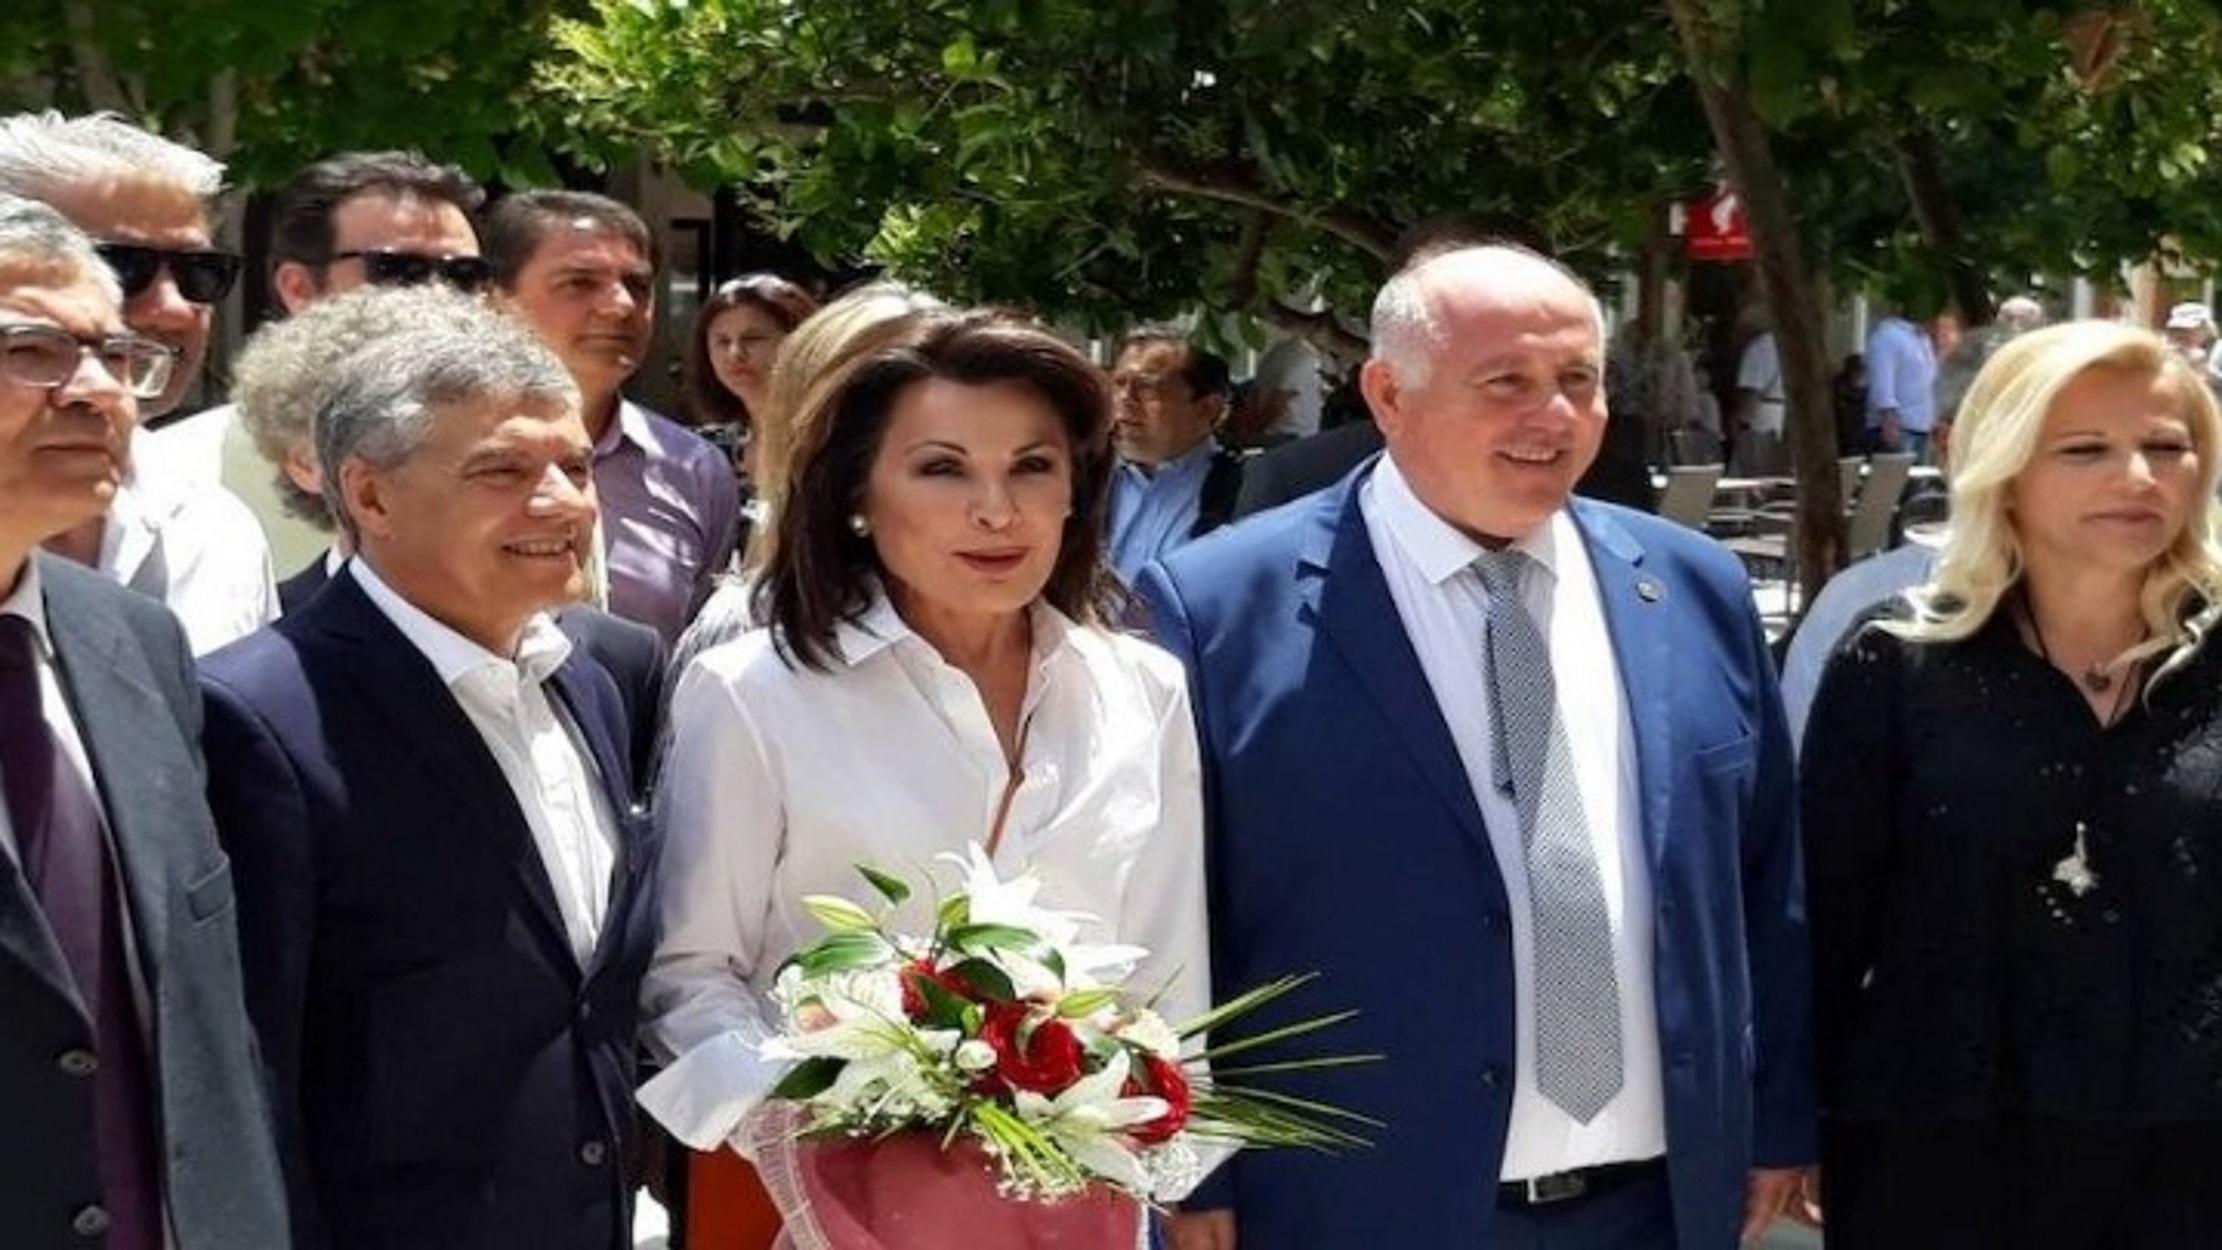 Γιάννα Αγγελοπούλου: Στη γενέτειρα του εθνομάρτυρα Ρήγα Φεραίου (pics)